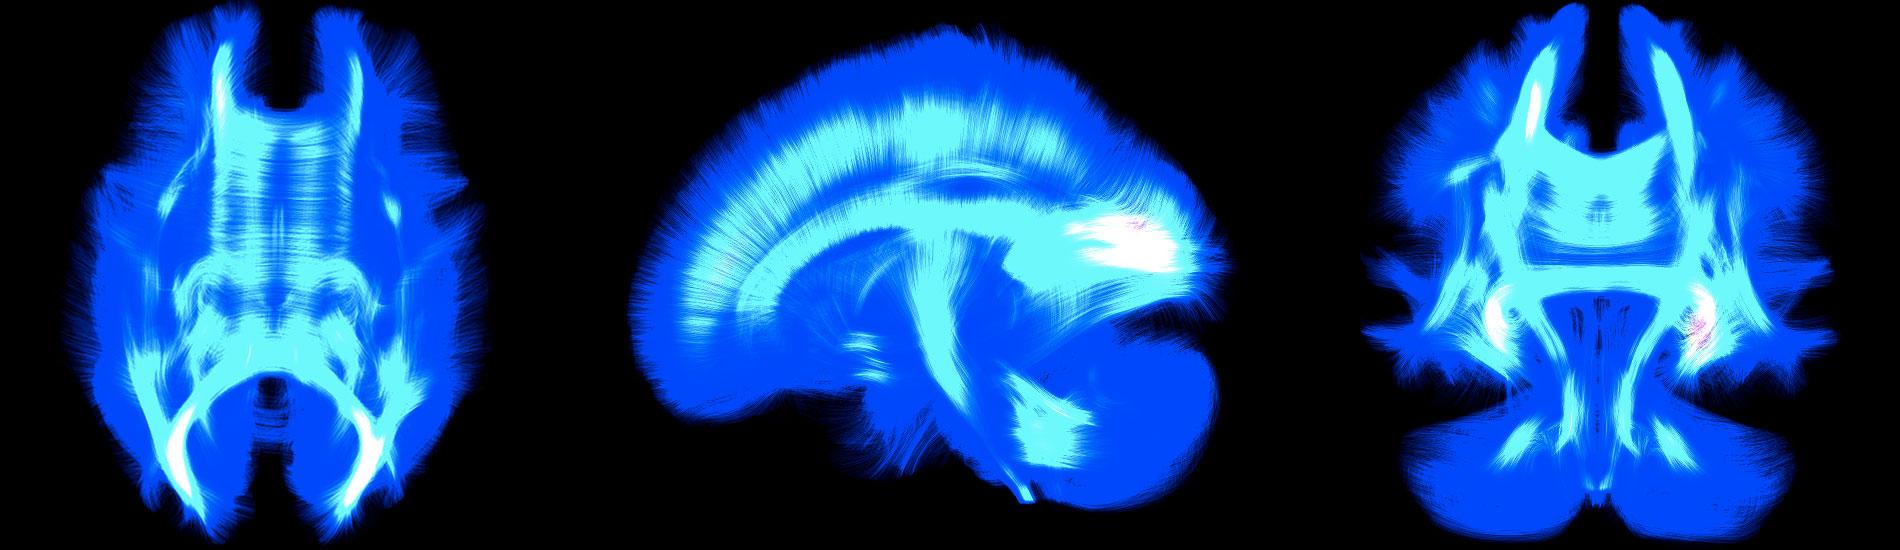 3 brains viewed under X ray